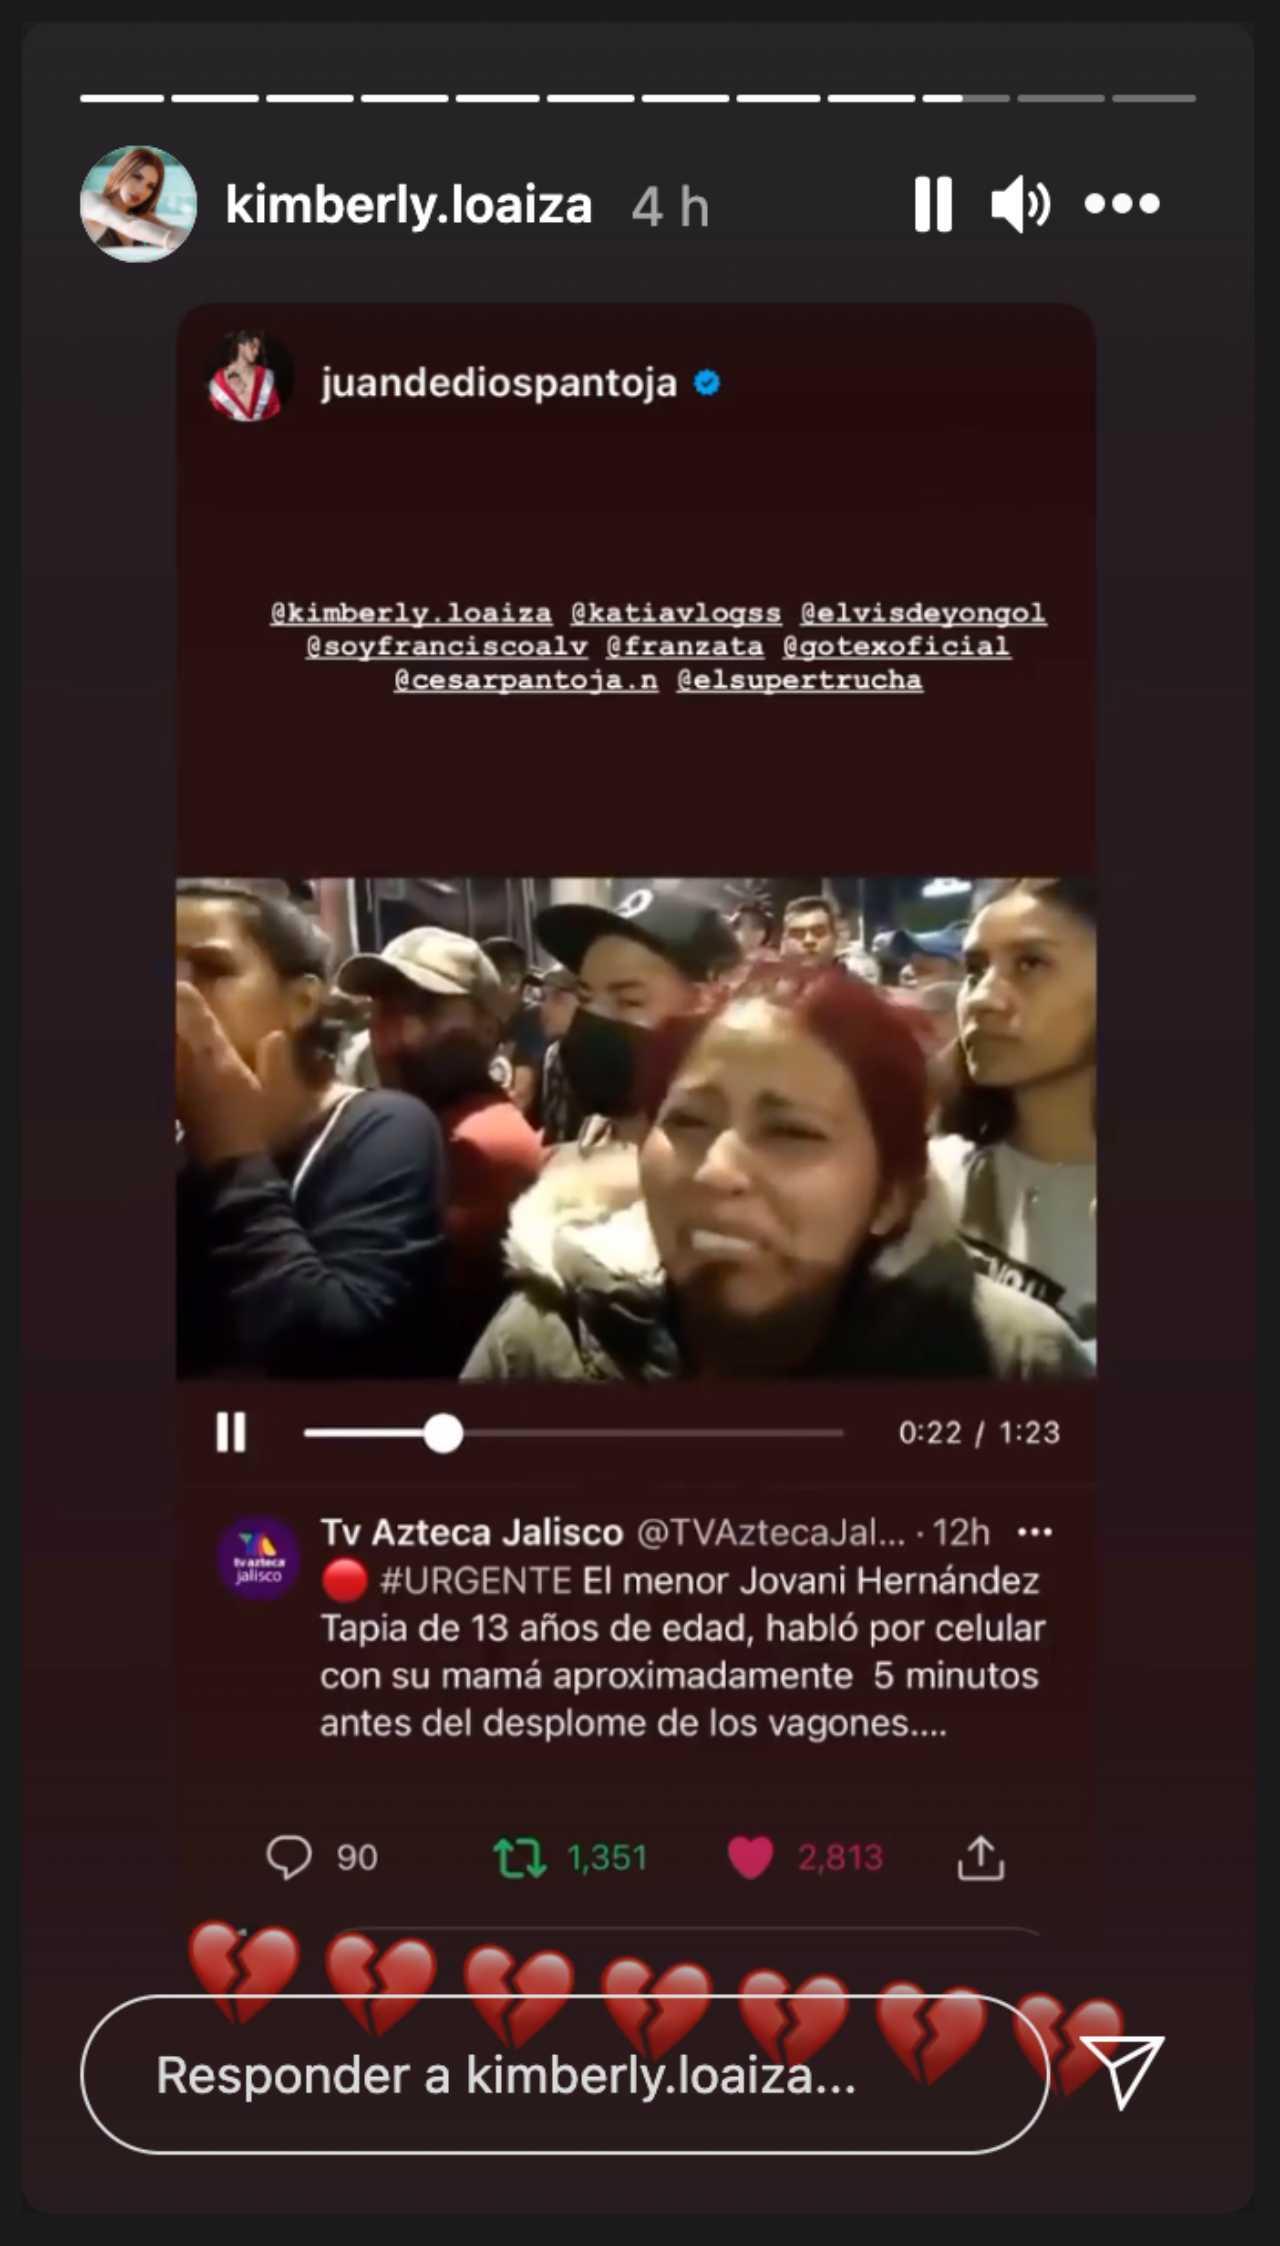 Kimberly Loaiza viraliza historia de niño desaparecido tras accidente en el metro